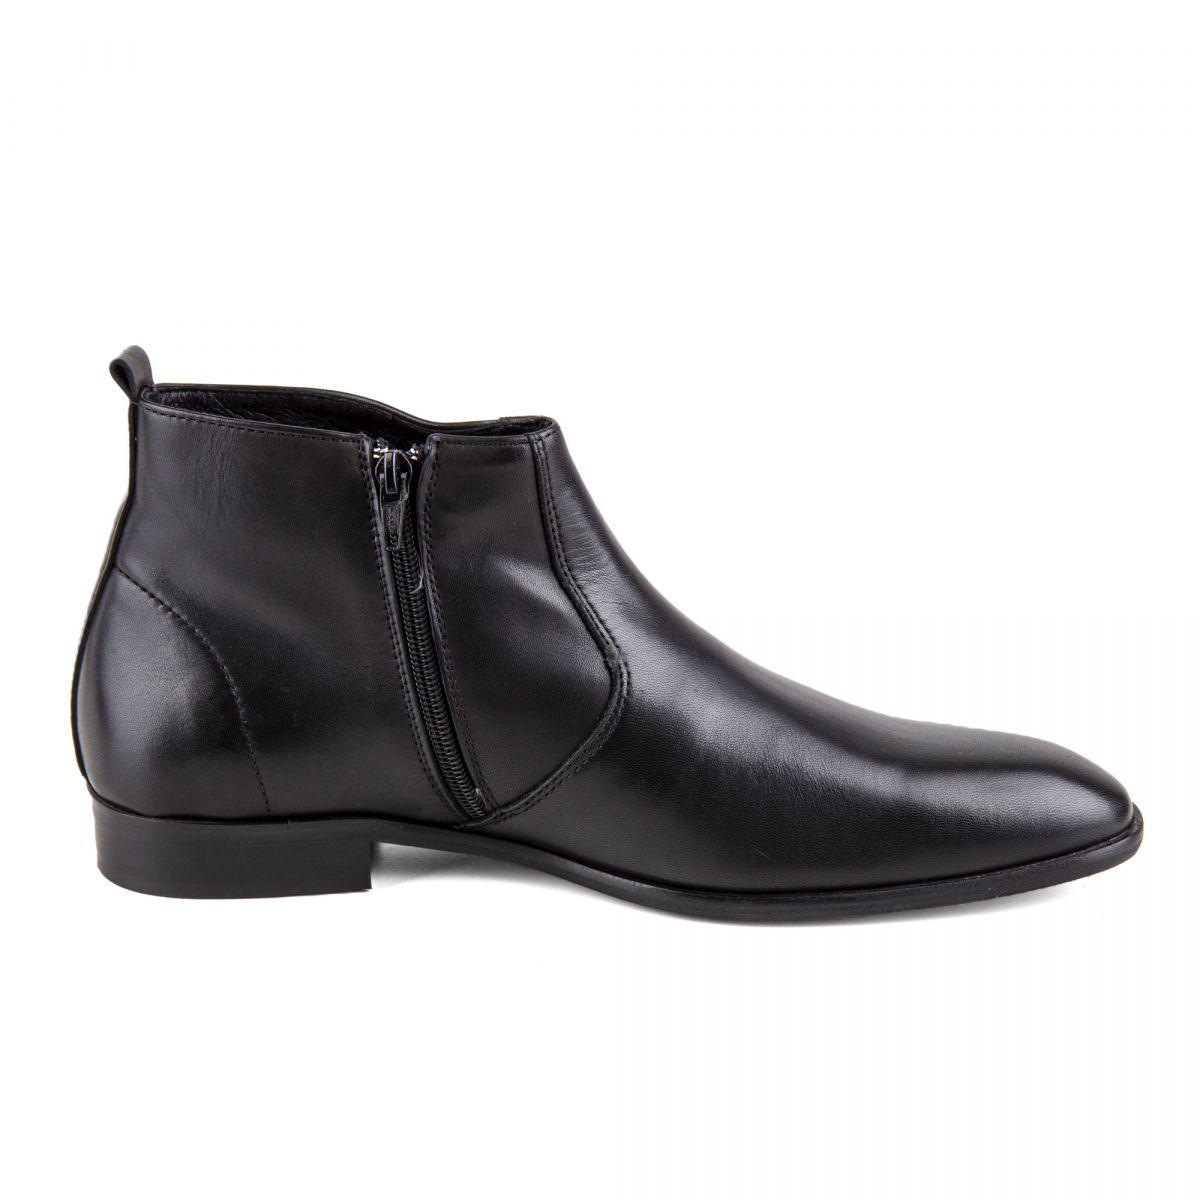 b1b32fbac08 ... Chaussures Bottines noires cuir Mars Homme PIERRE CARDIN marque pas  cher prix dégriffés destockage ...